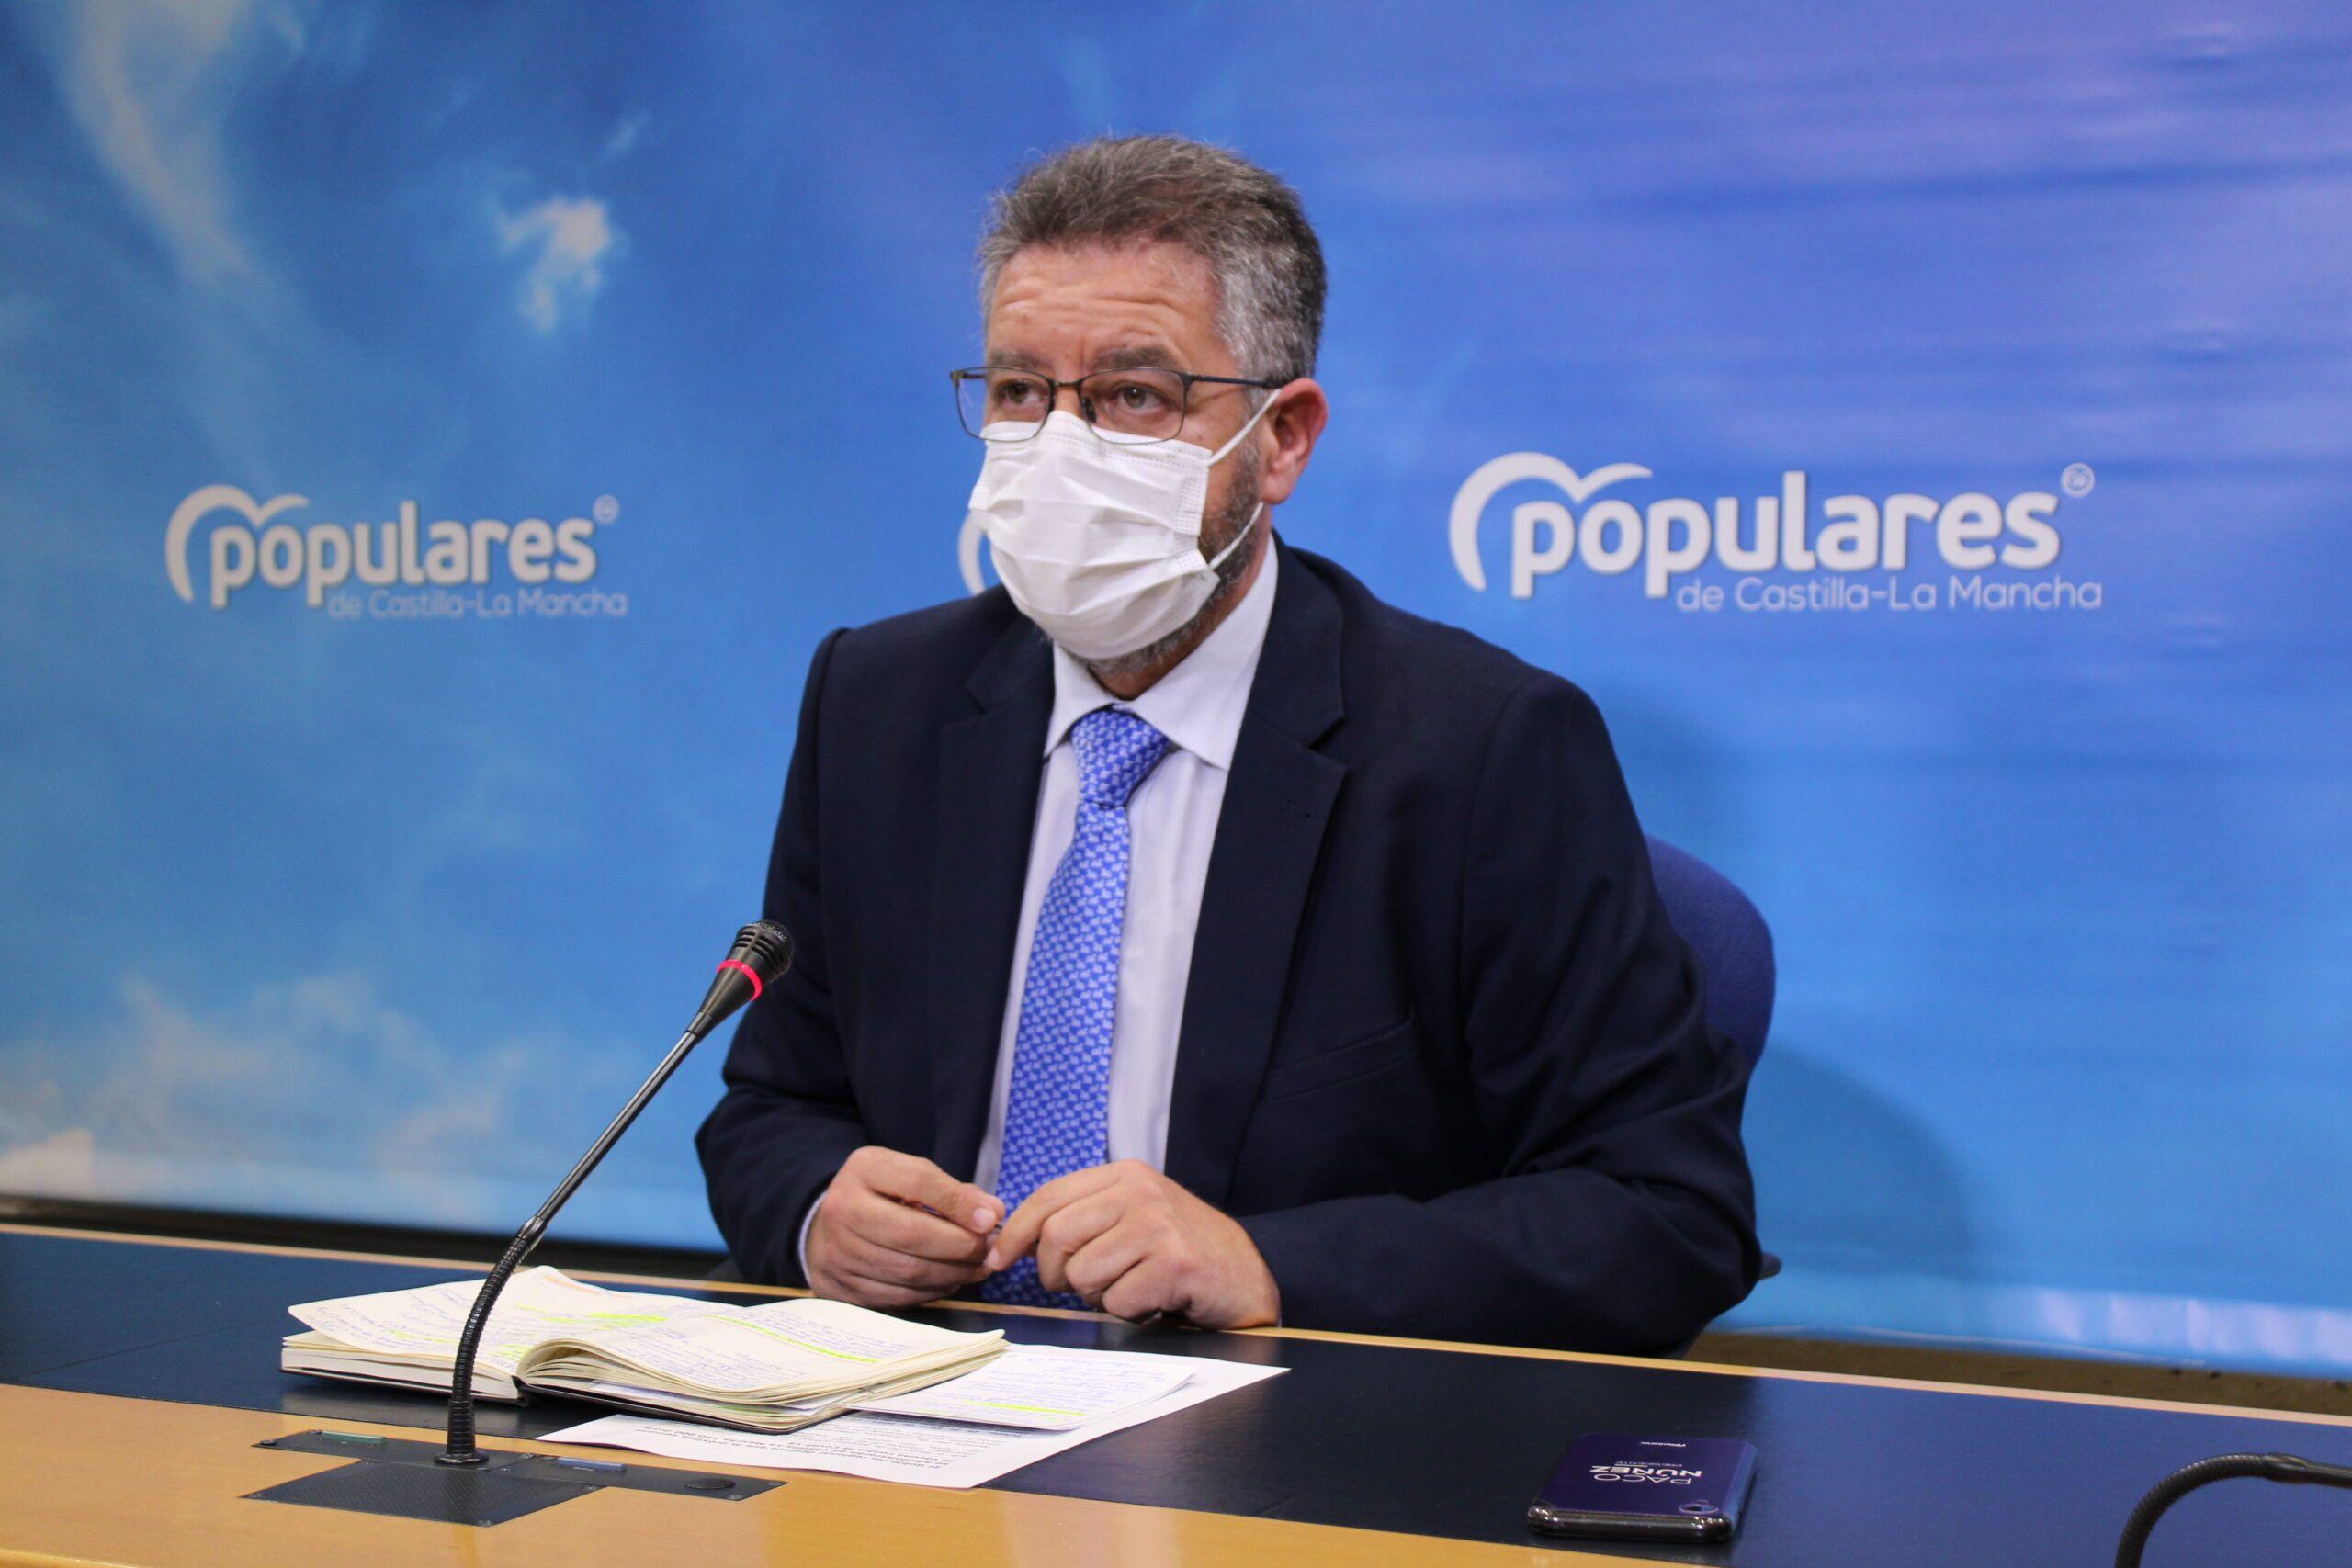 Moreno lamenta que, mientras hay 155 mil vacunas `almacenadas´ en la consejería de Sanidad sin ser administradas, Page decide marcharse fuera de España